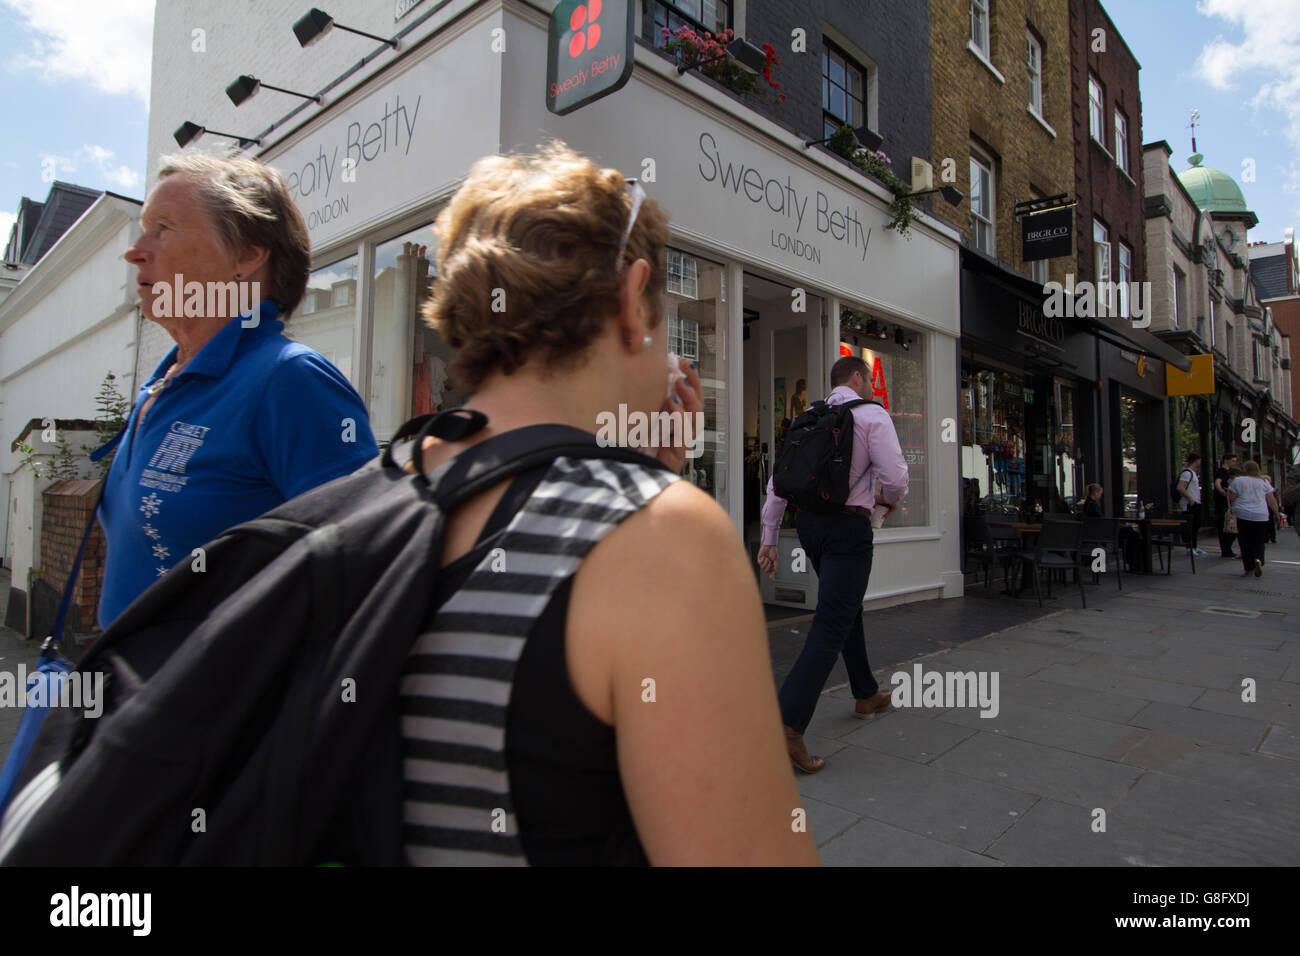 Sweaty Betty Kings Road Chelsea London - Stock Image